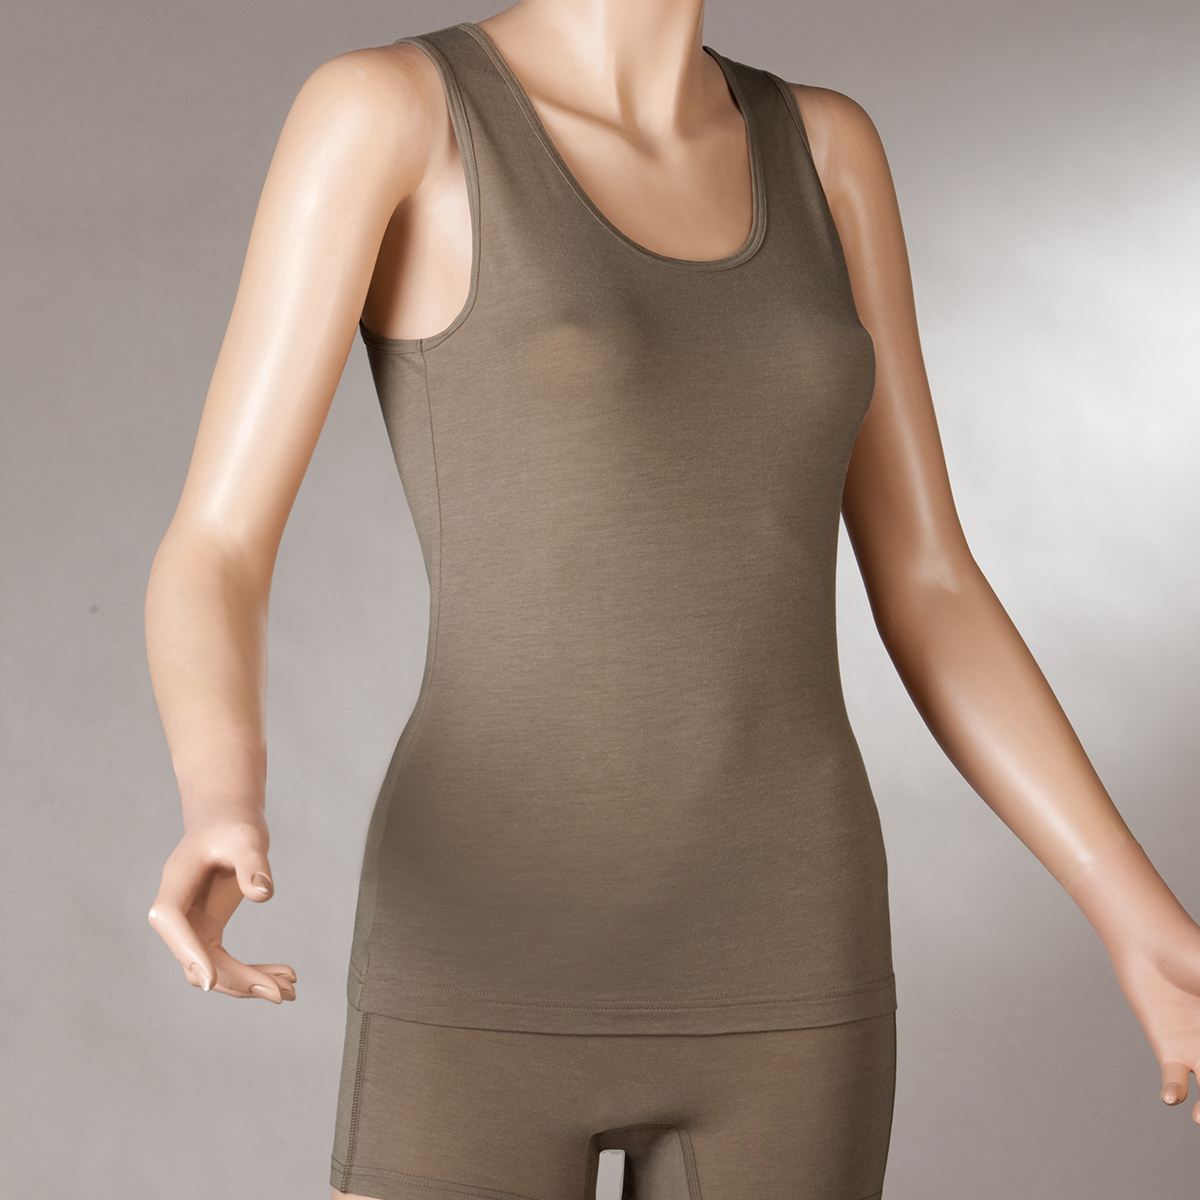 b.well Yoga Kleidung Damen Long-Top